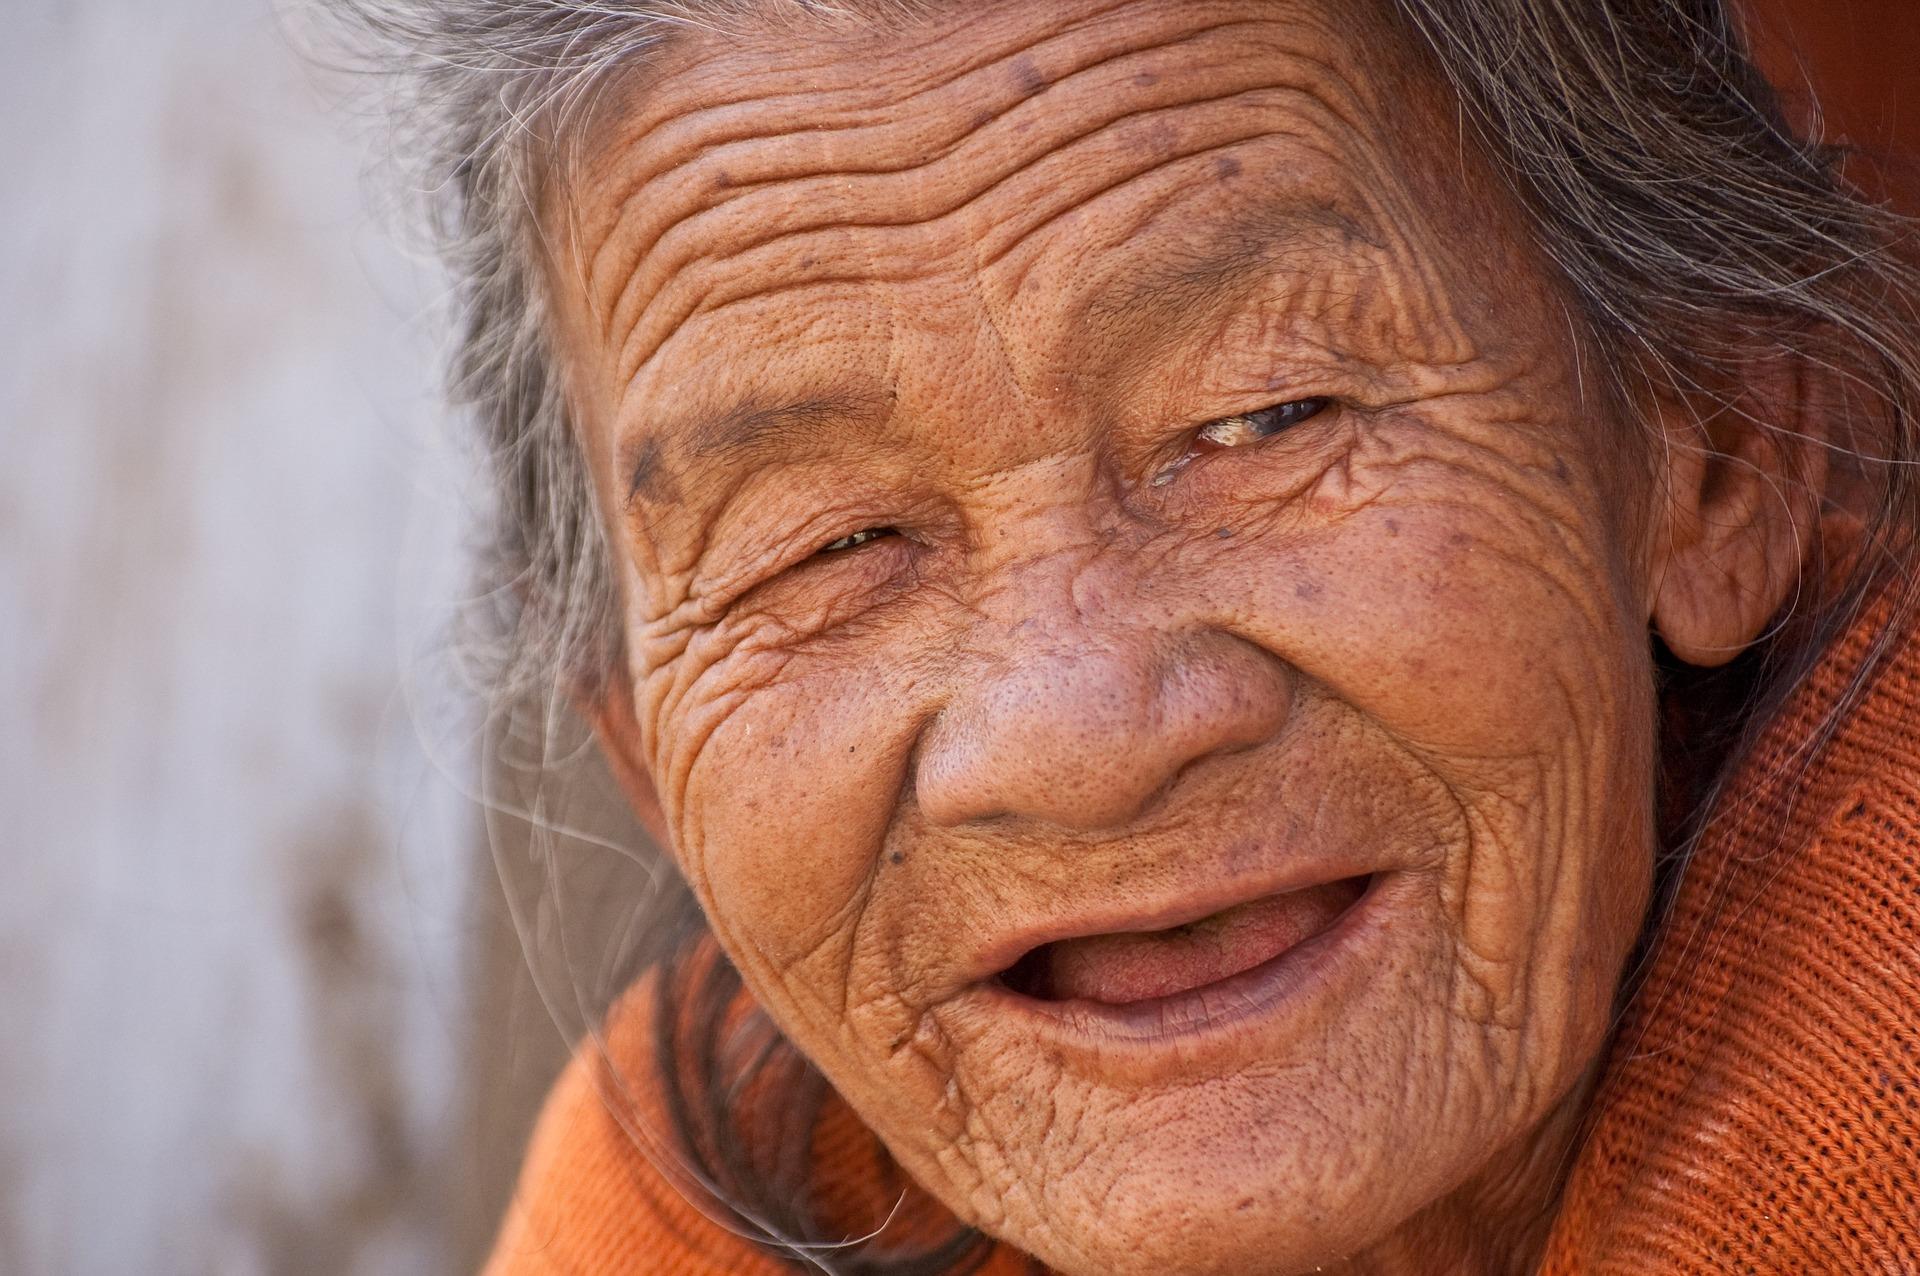 old-lady-845225_1920.jpg